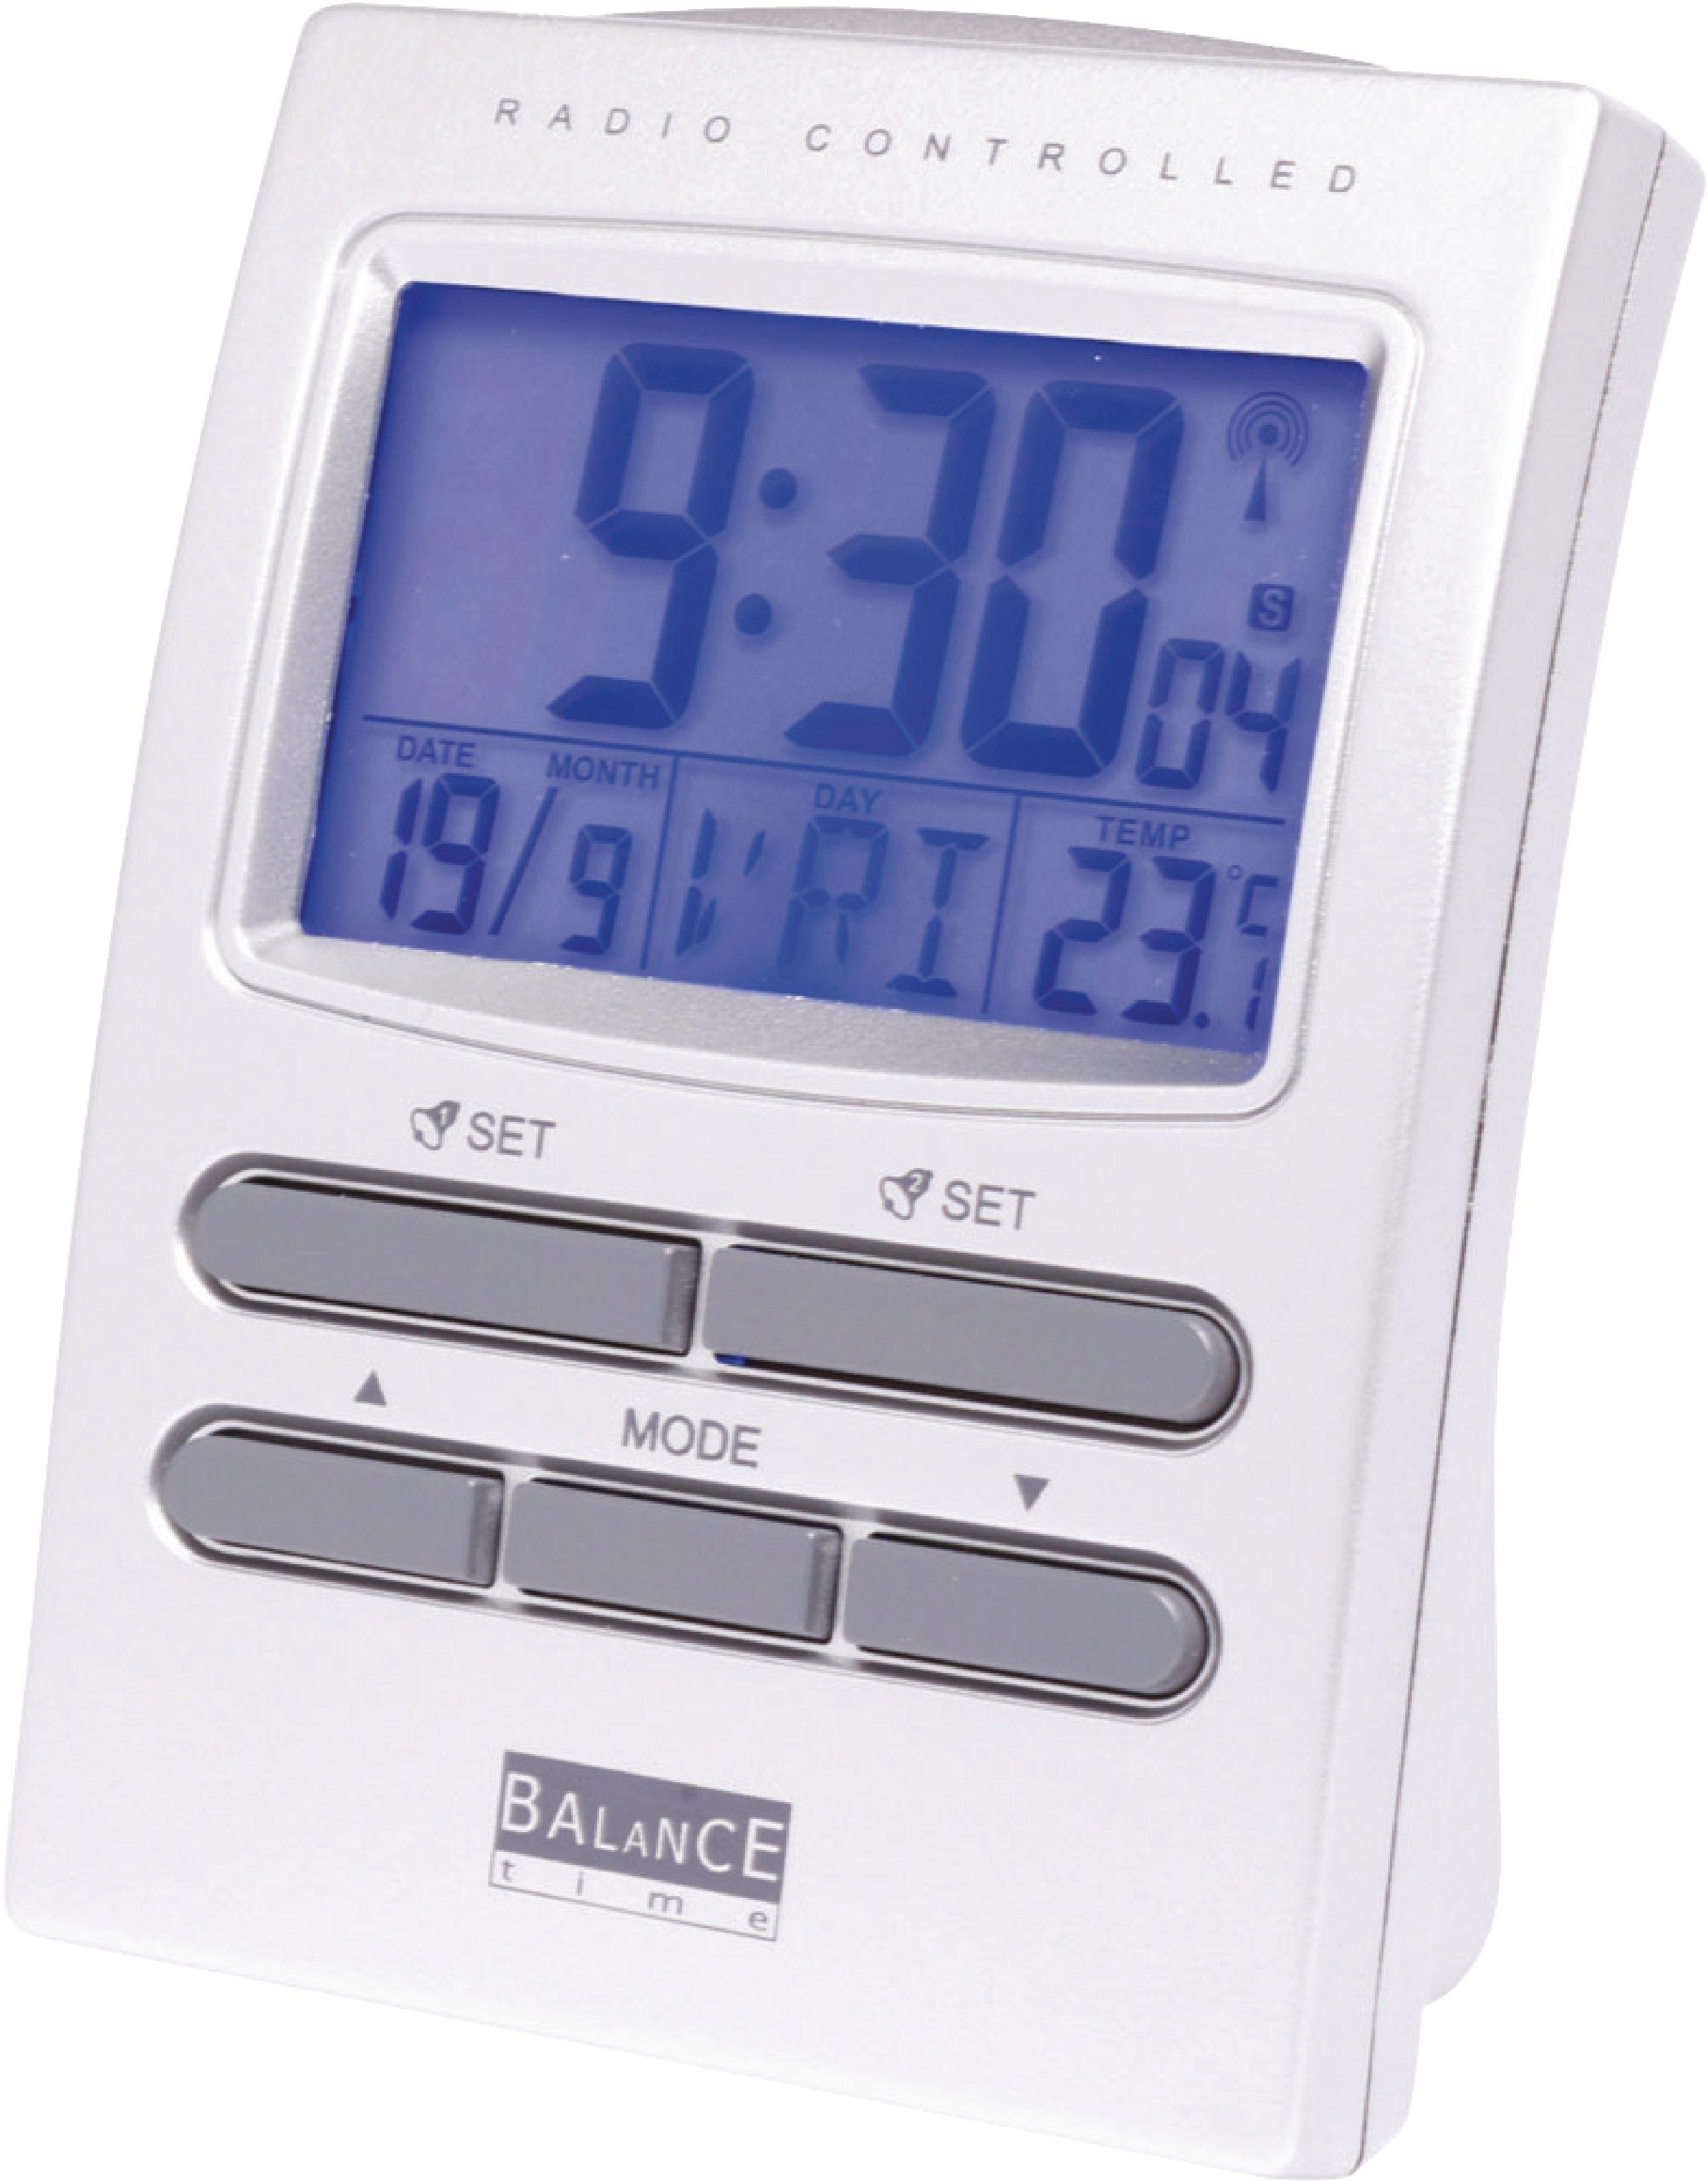 Rádiem řízený digitální LCD budík s teploměrem Balance 622415